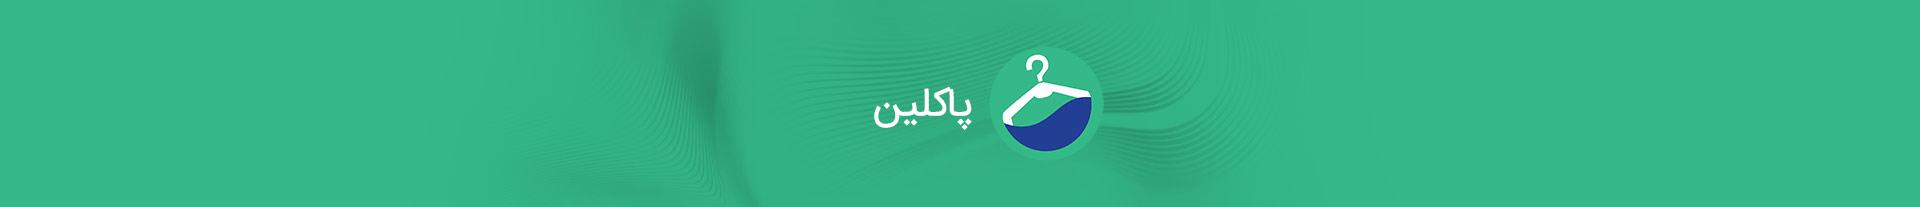 کد تخفیف خشک شویی آنلاین پاکلین